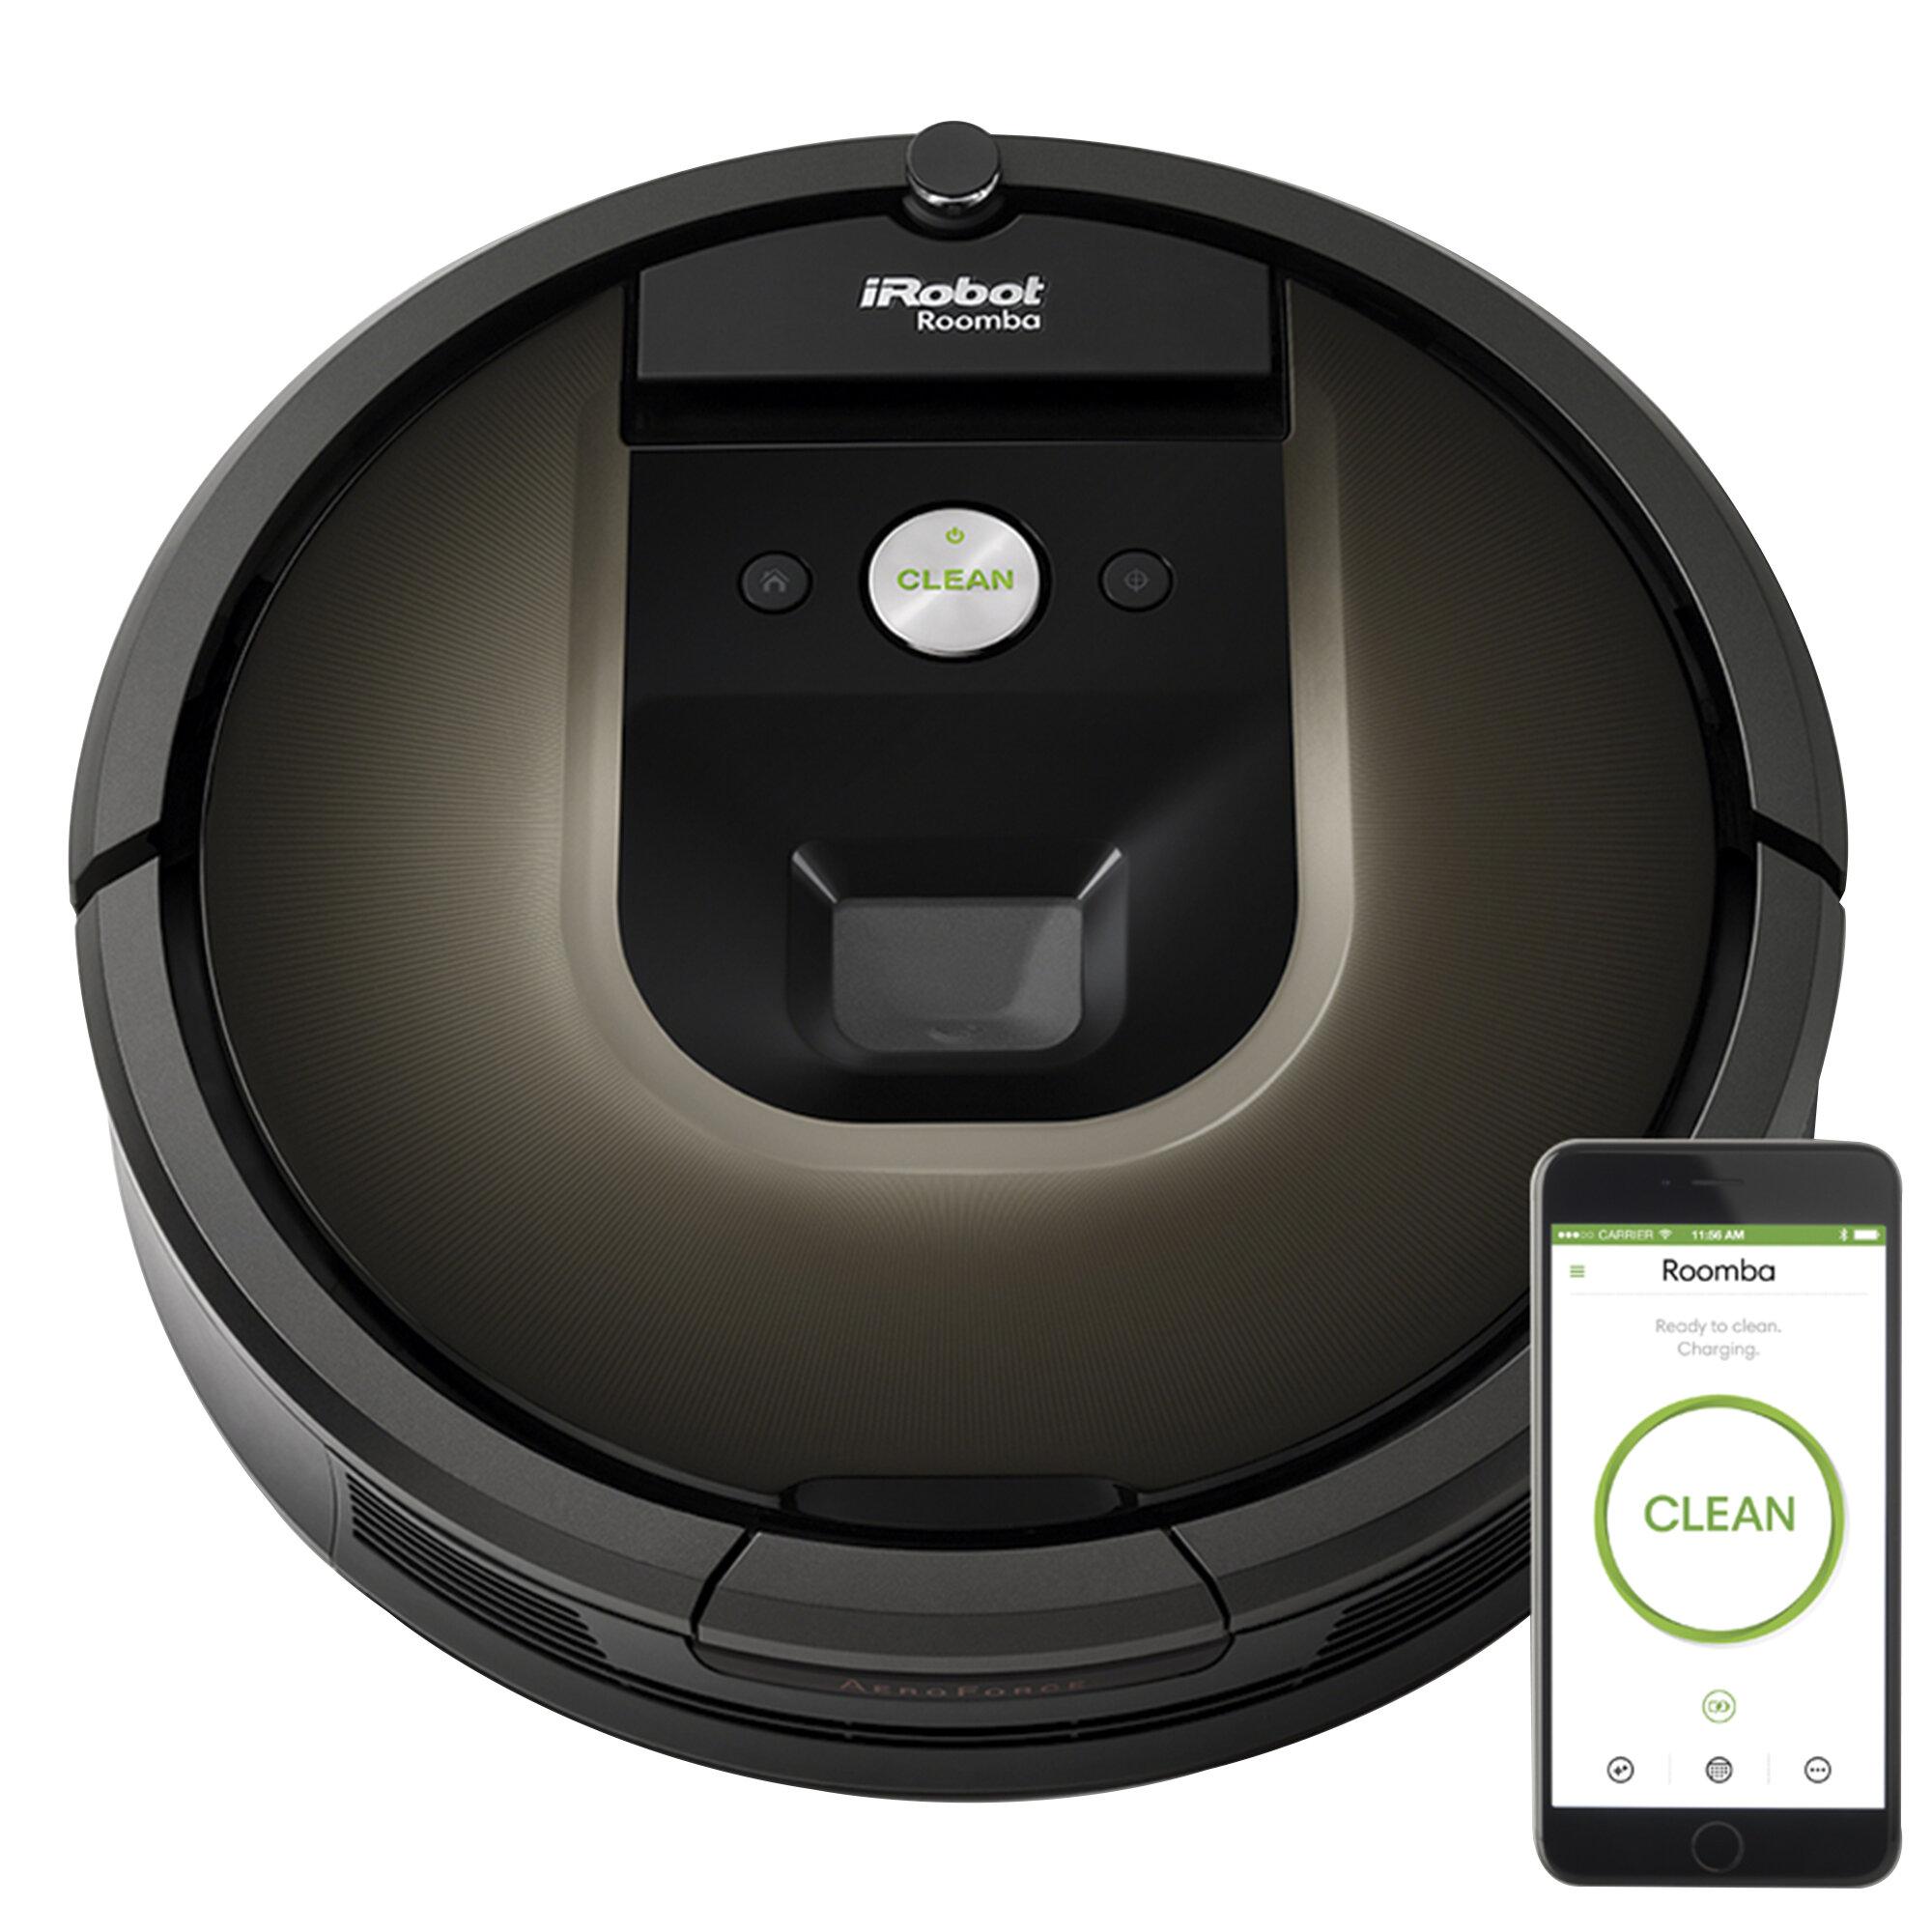 cook catalog cleaning robot floorcare vacuum roomba adams floor irobot cleaner